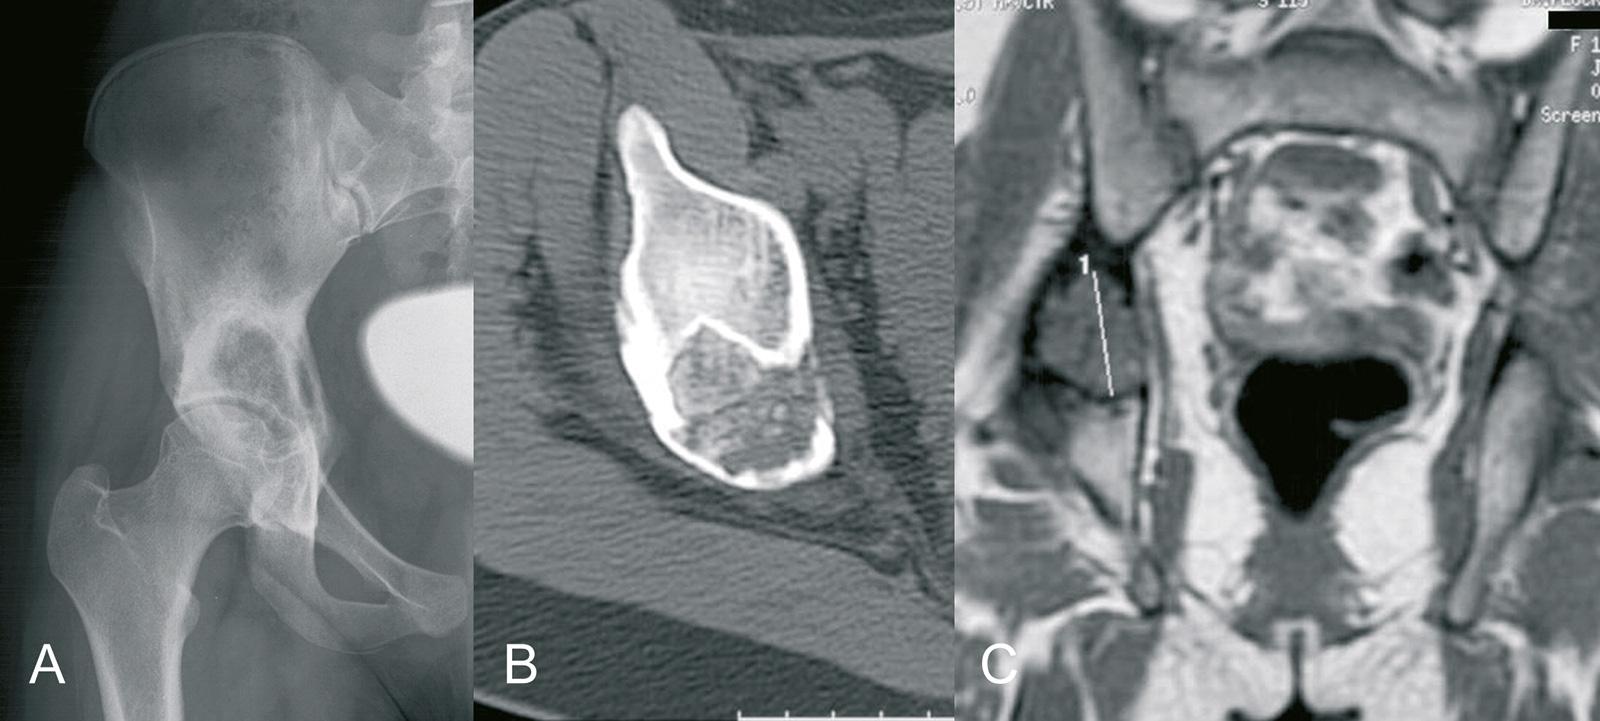 Abb. 8-49: Chondroblastom des Acetabulums: natives Röntgenbild (A), CT- (B) und MRT-Bildgebung (C) (Eigentum des Instituts für Klinische Radiologie der Universität Münster)